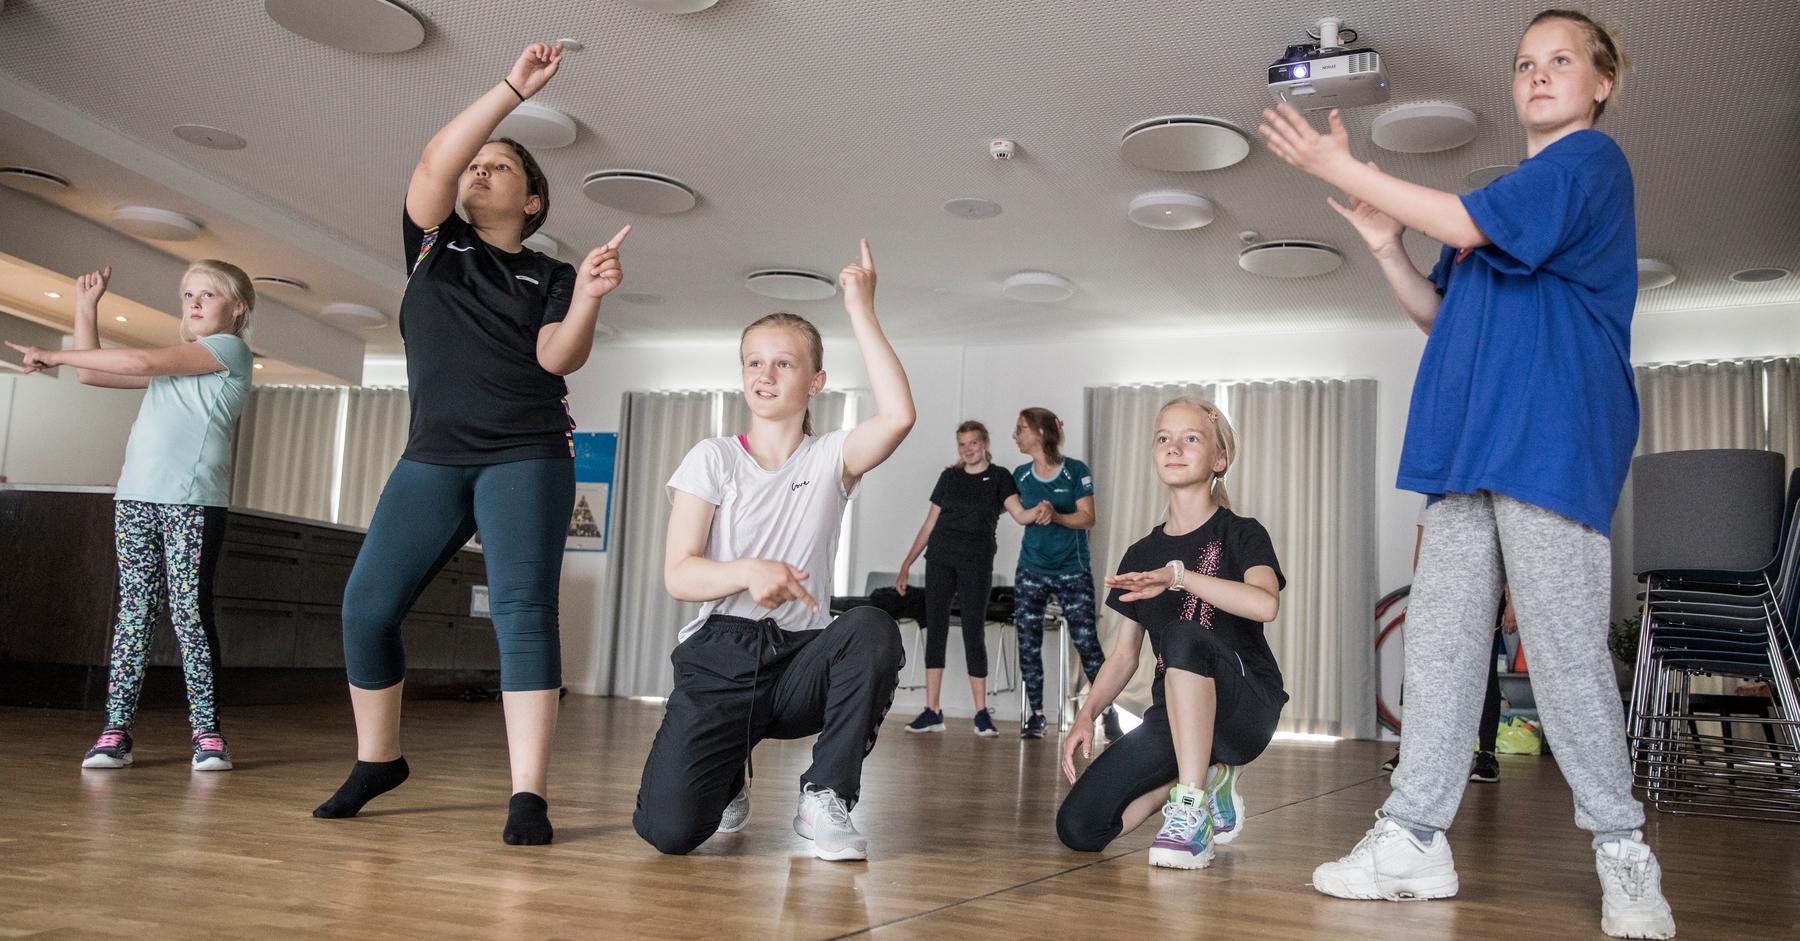 Daglig motion, leg og bevægelse er en del af børnenes hverdag